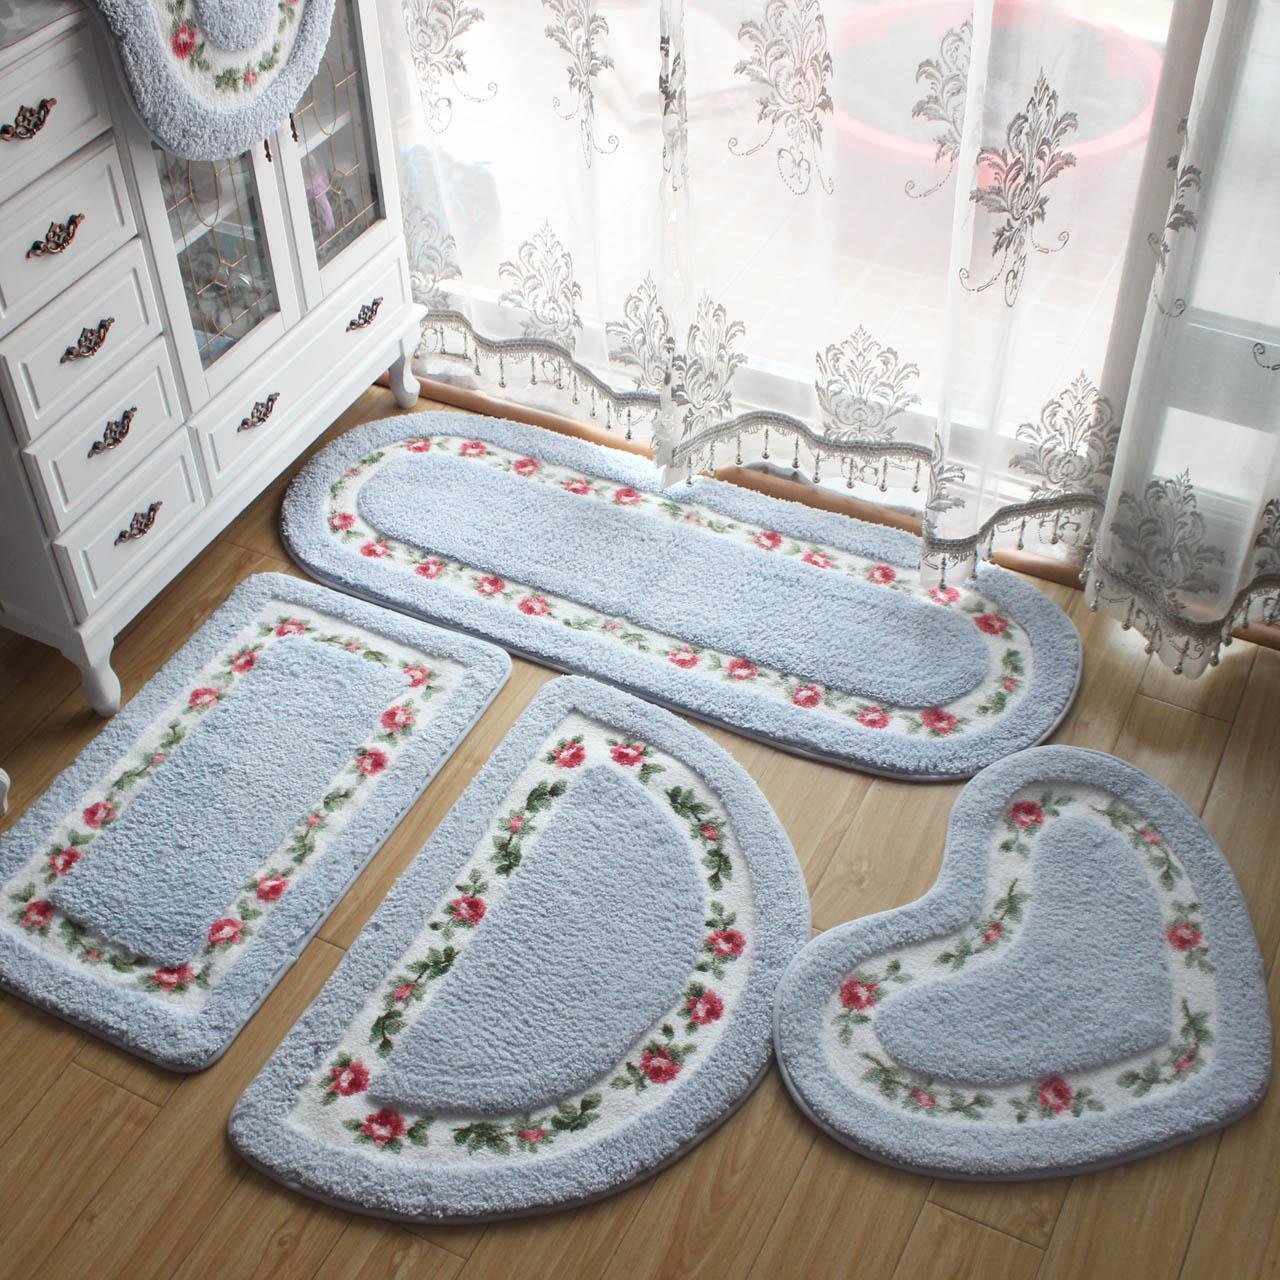 卫生间门口地垫门垫进门卧室吸水脚垫卫浴浴室防滑防水垫地毯垫子